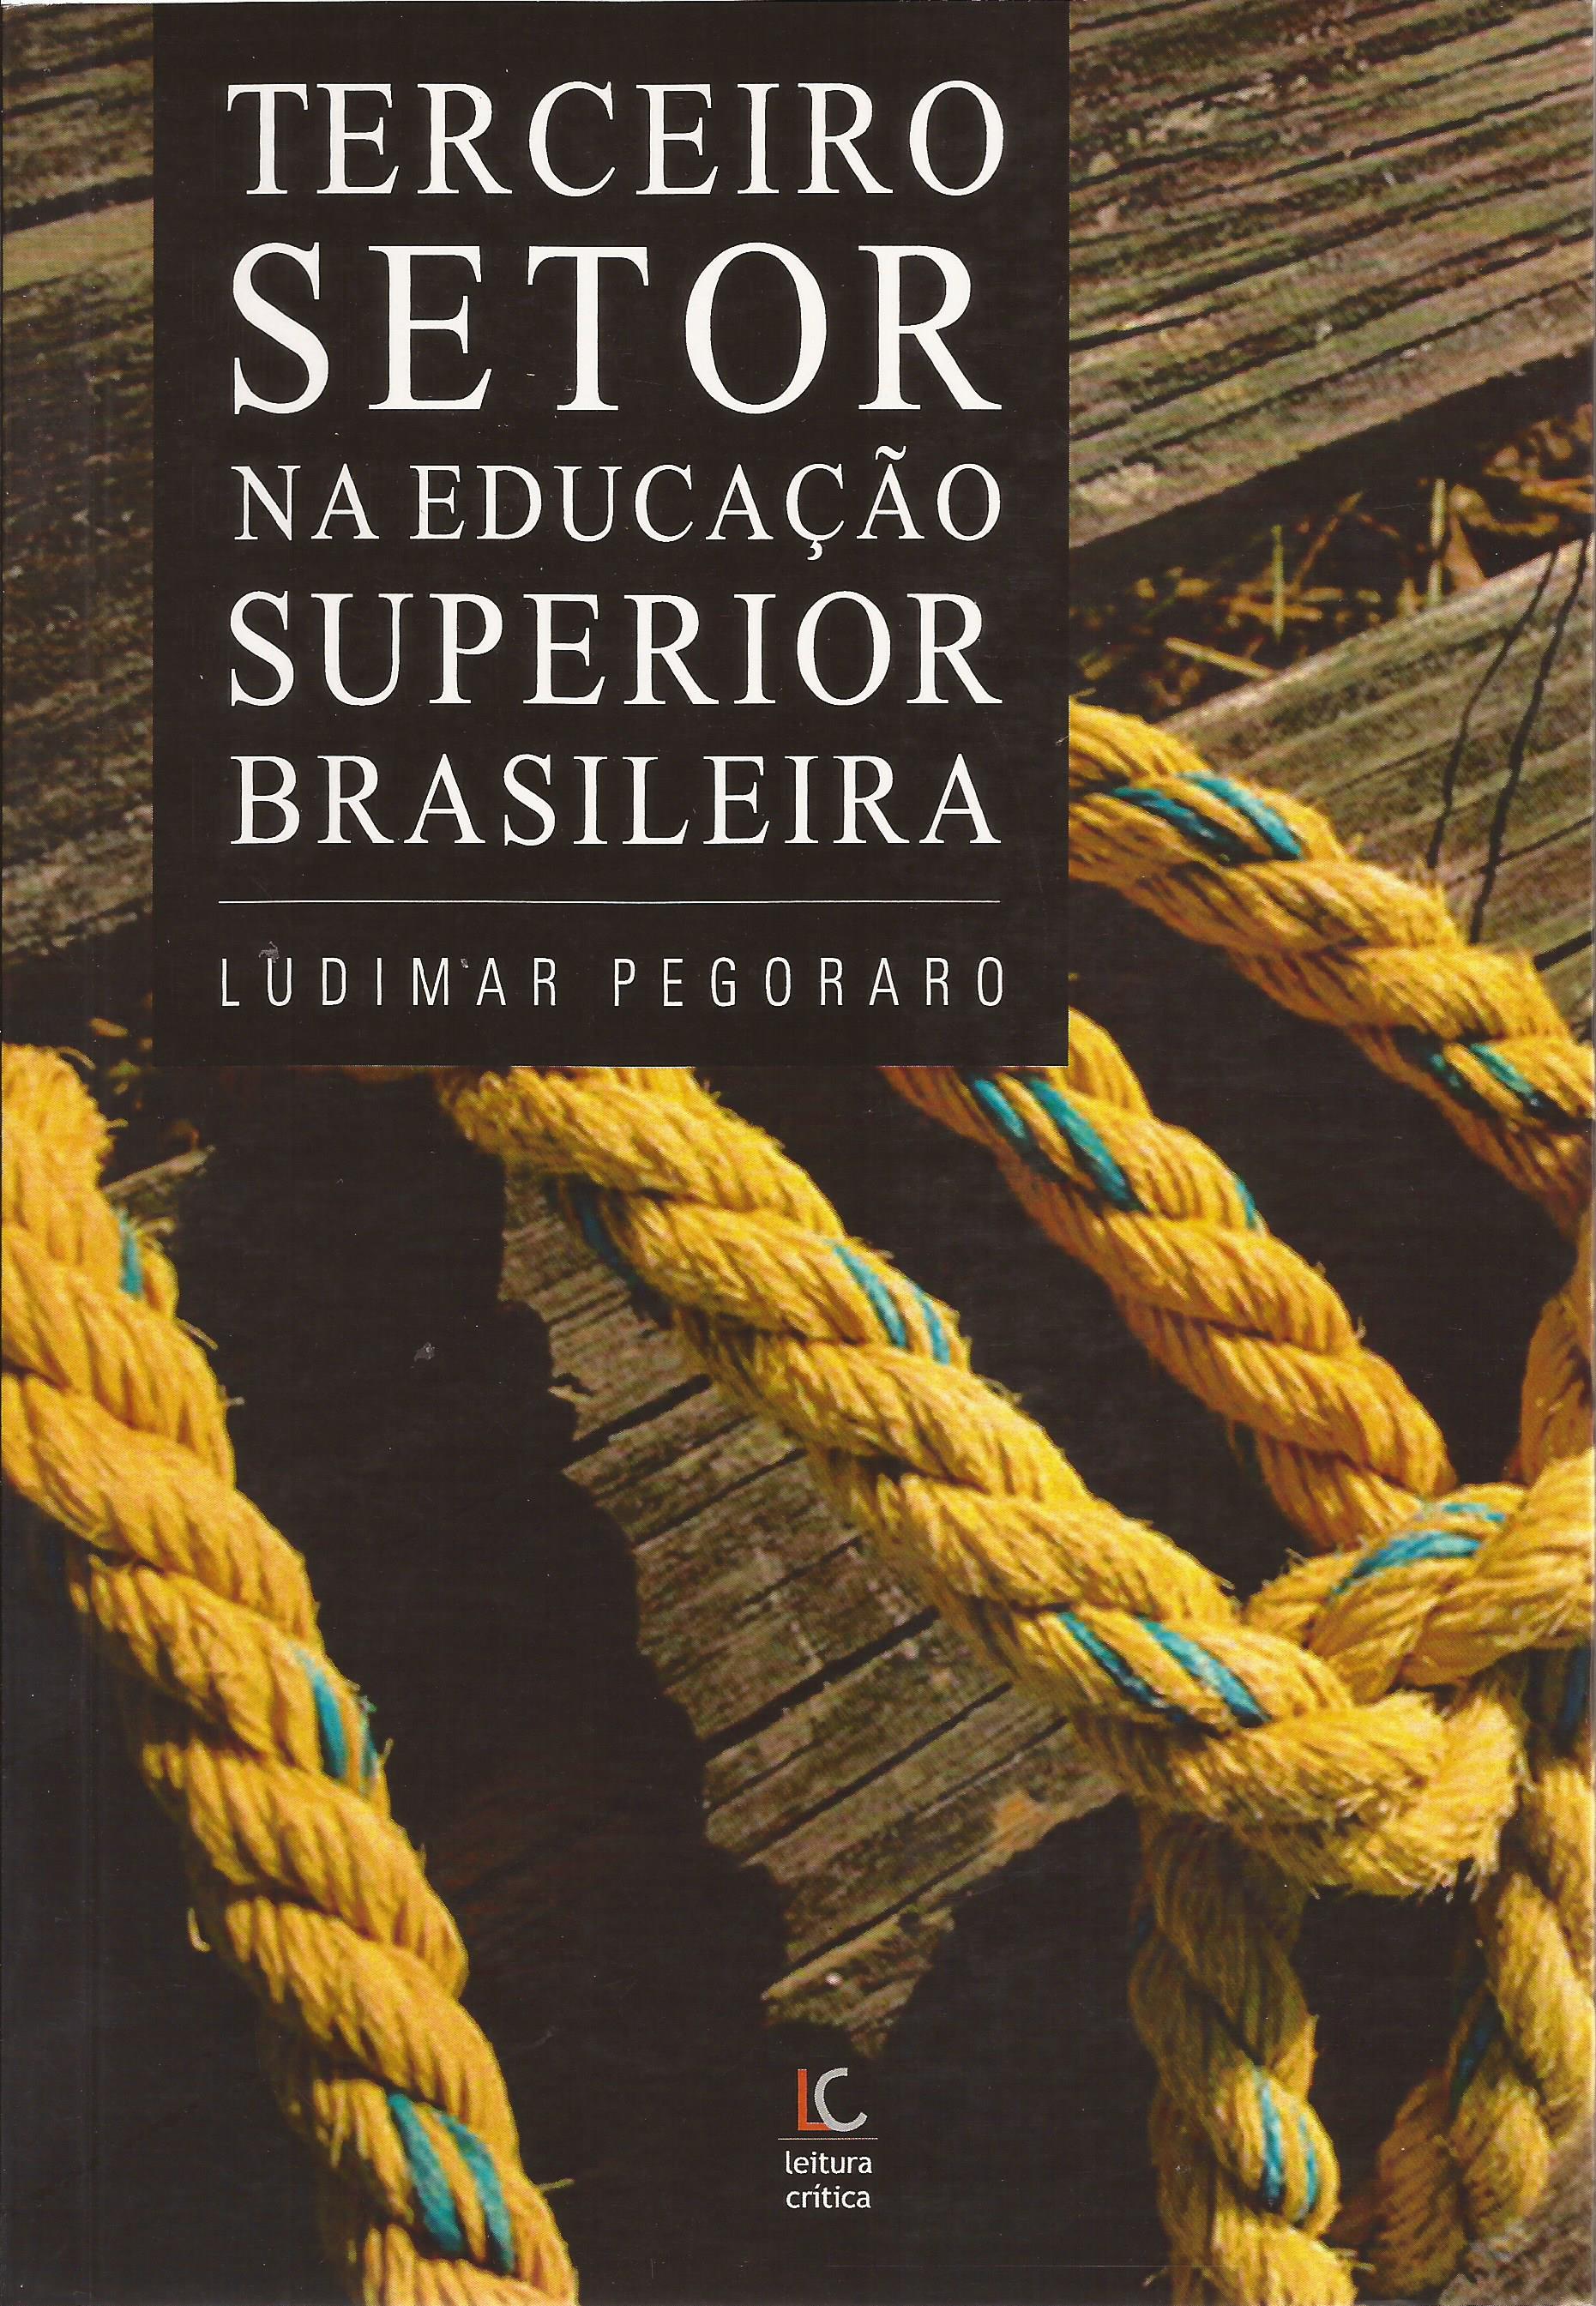 Terceiro setor na educação superior brasileira